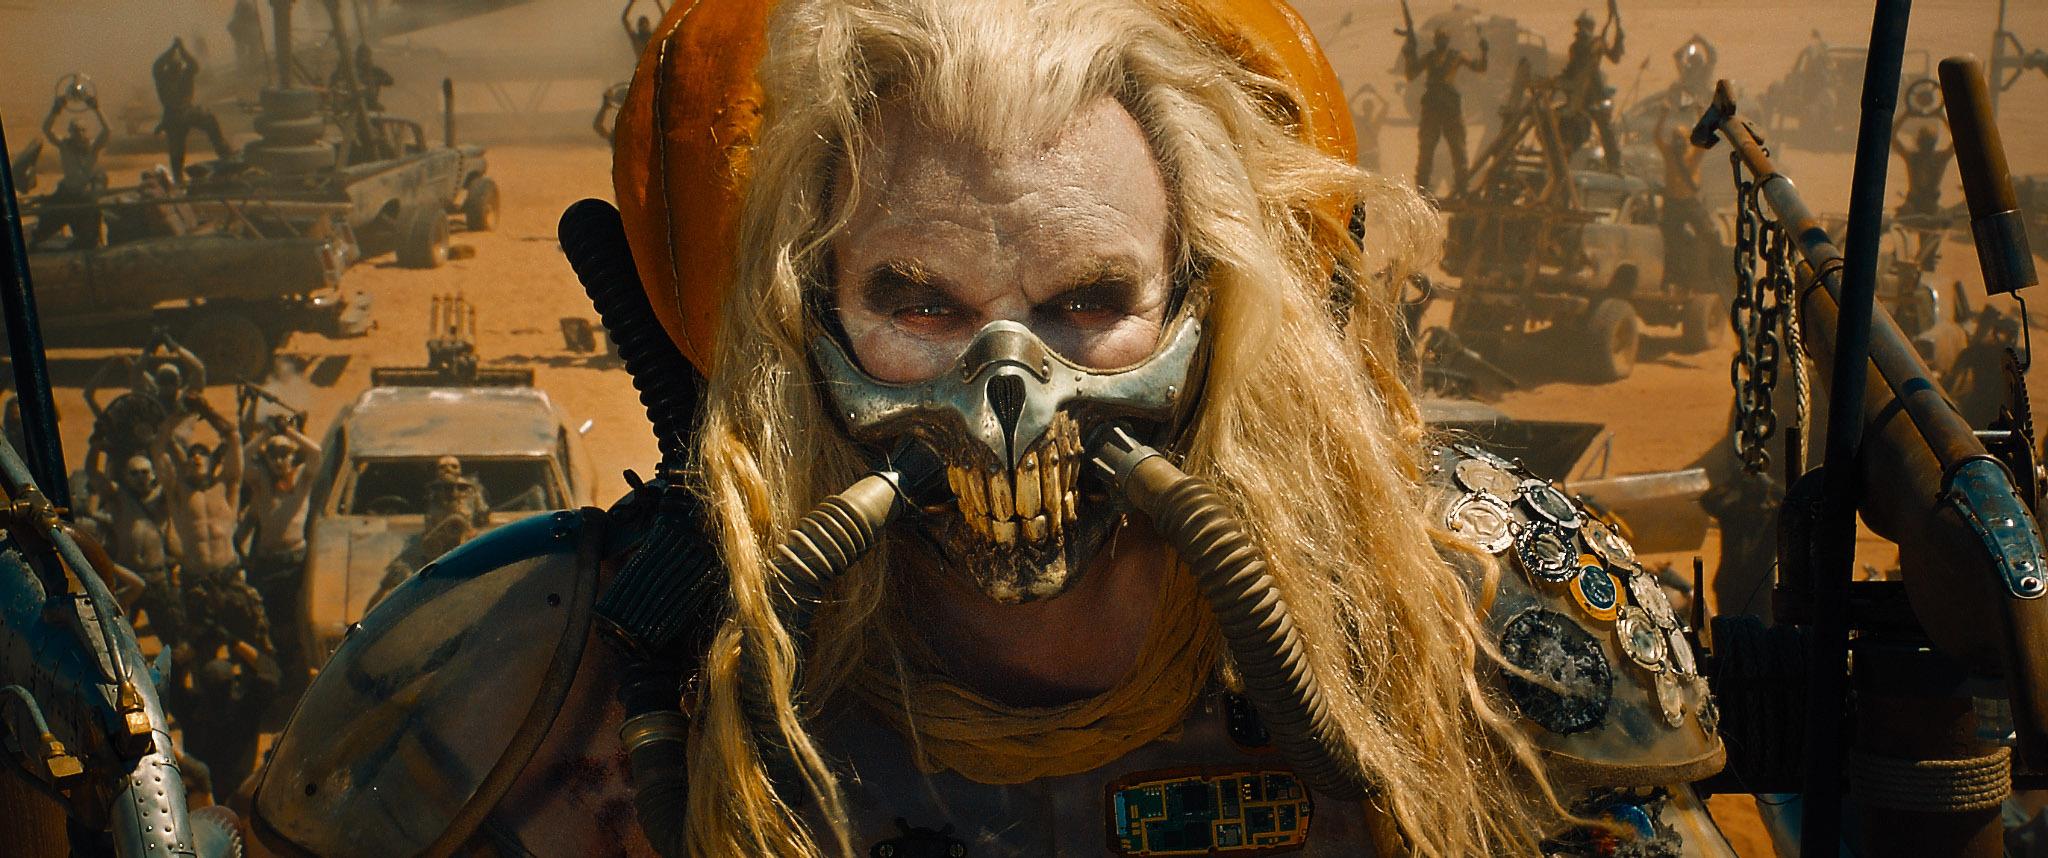 Hugh Keays-Byrne in Mad Max: Fury Road (2015)